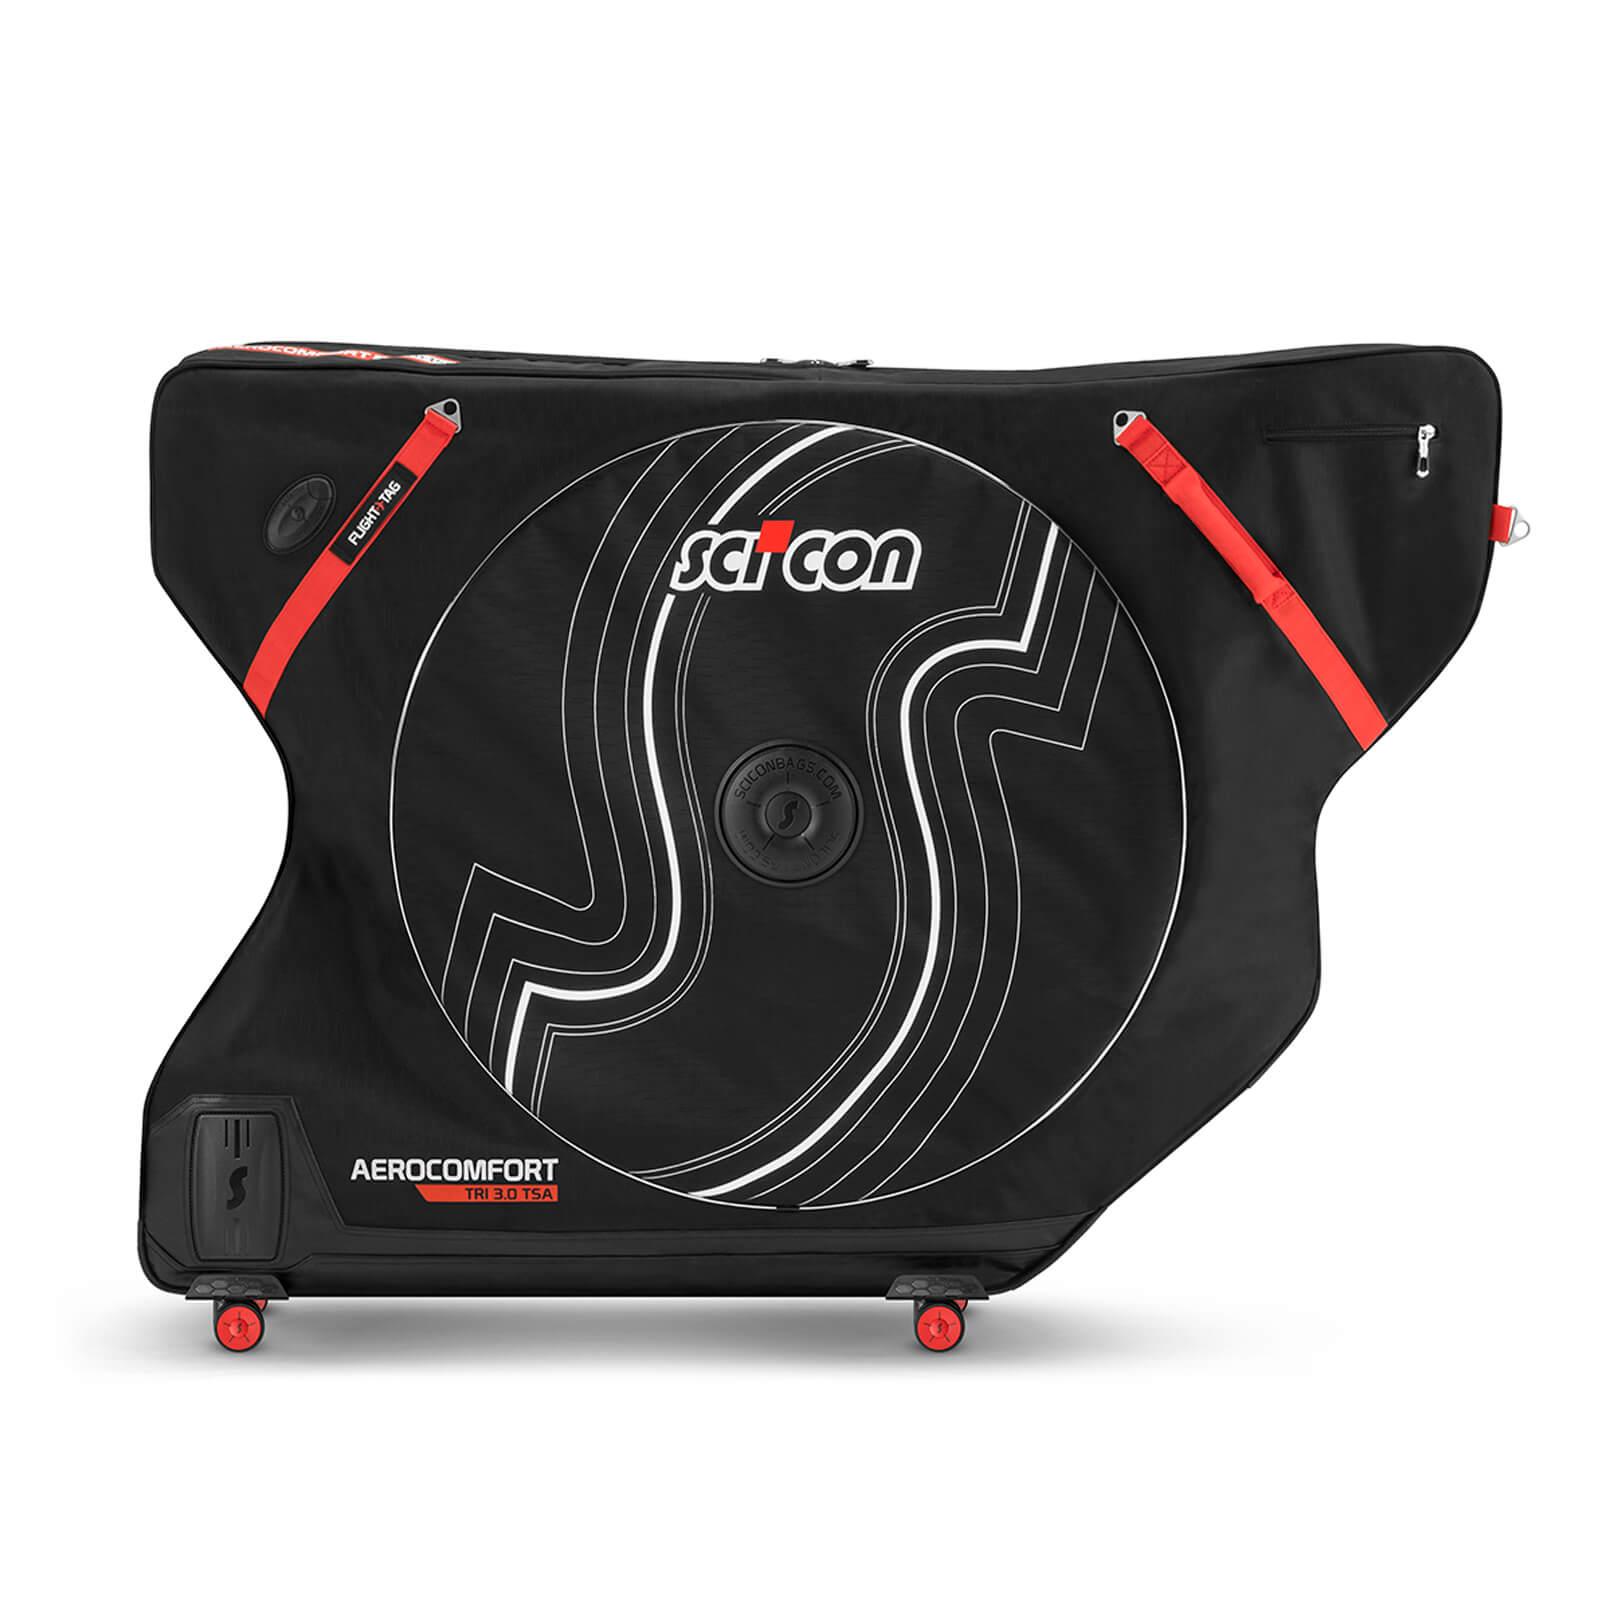 Scicon AeroComfort Triathlon 3.0 TSA Bike Bag;